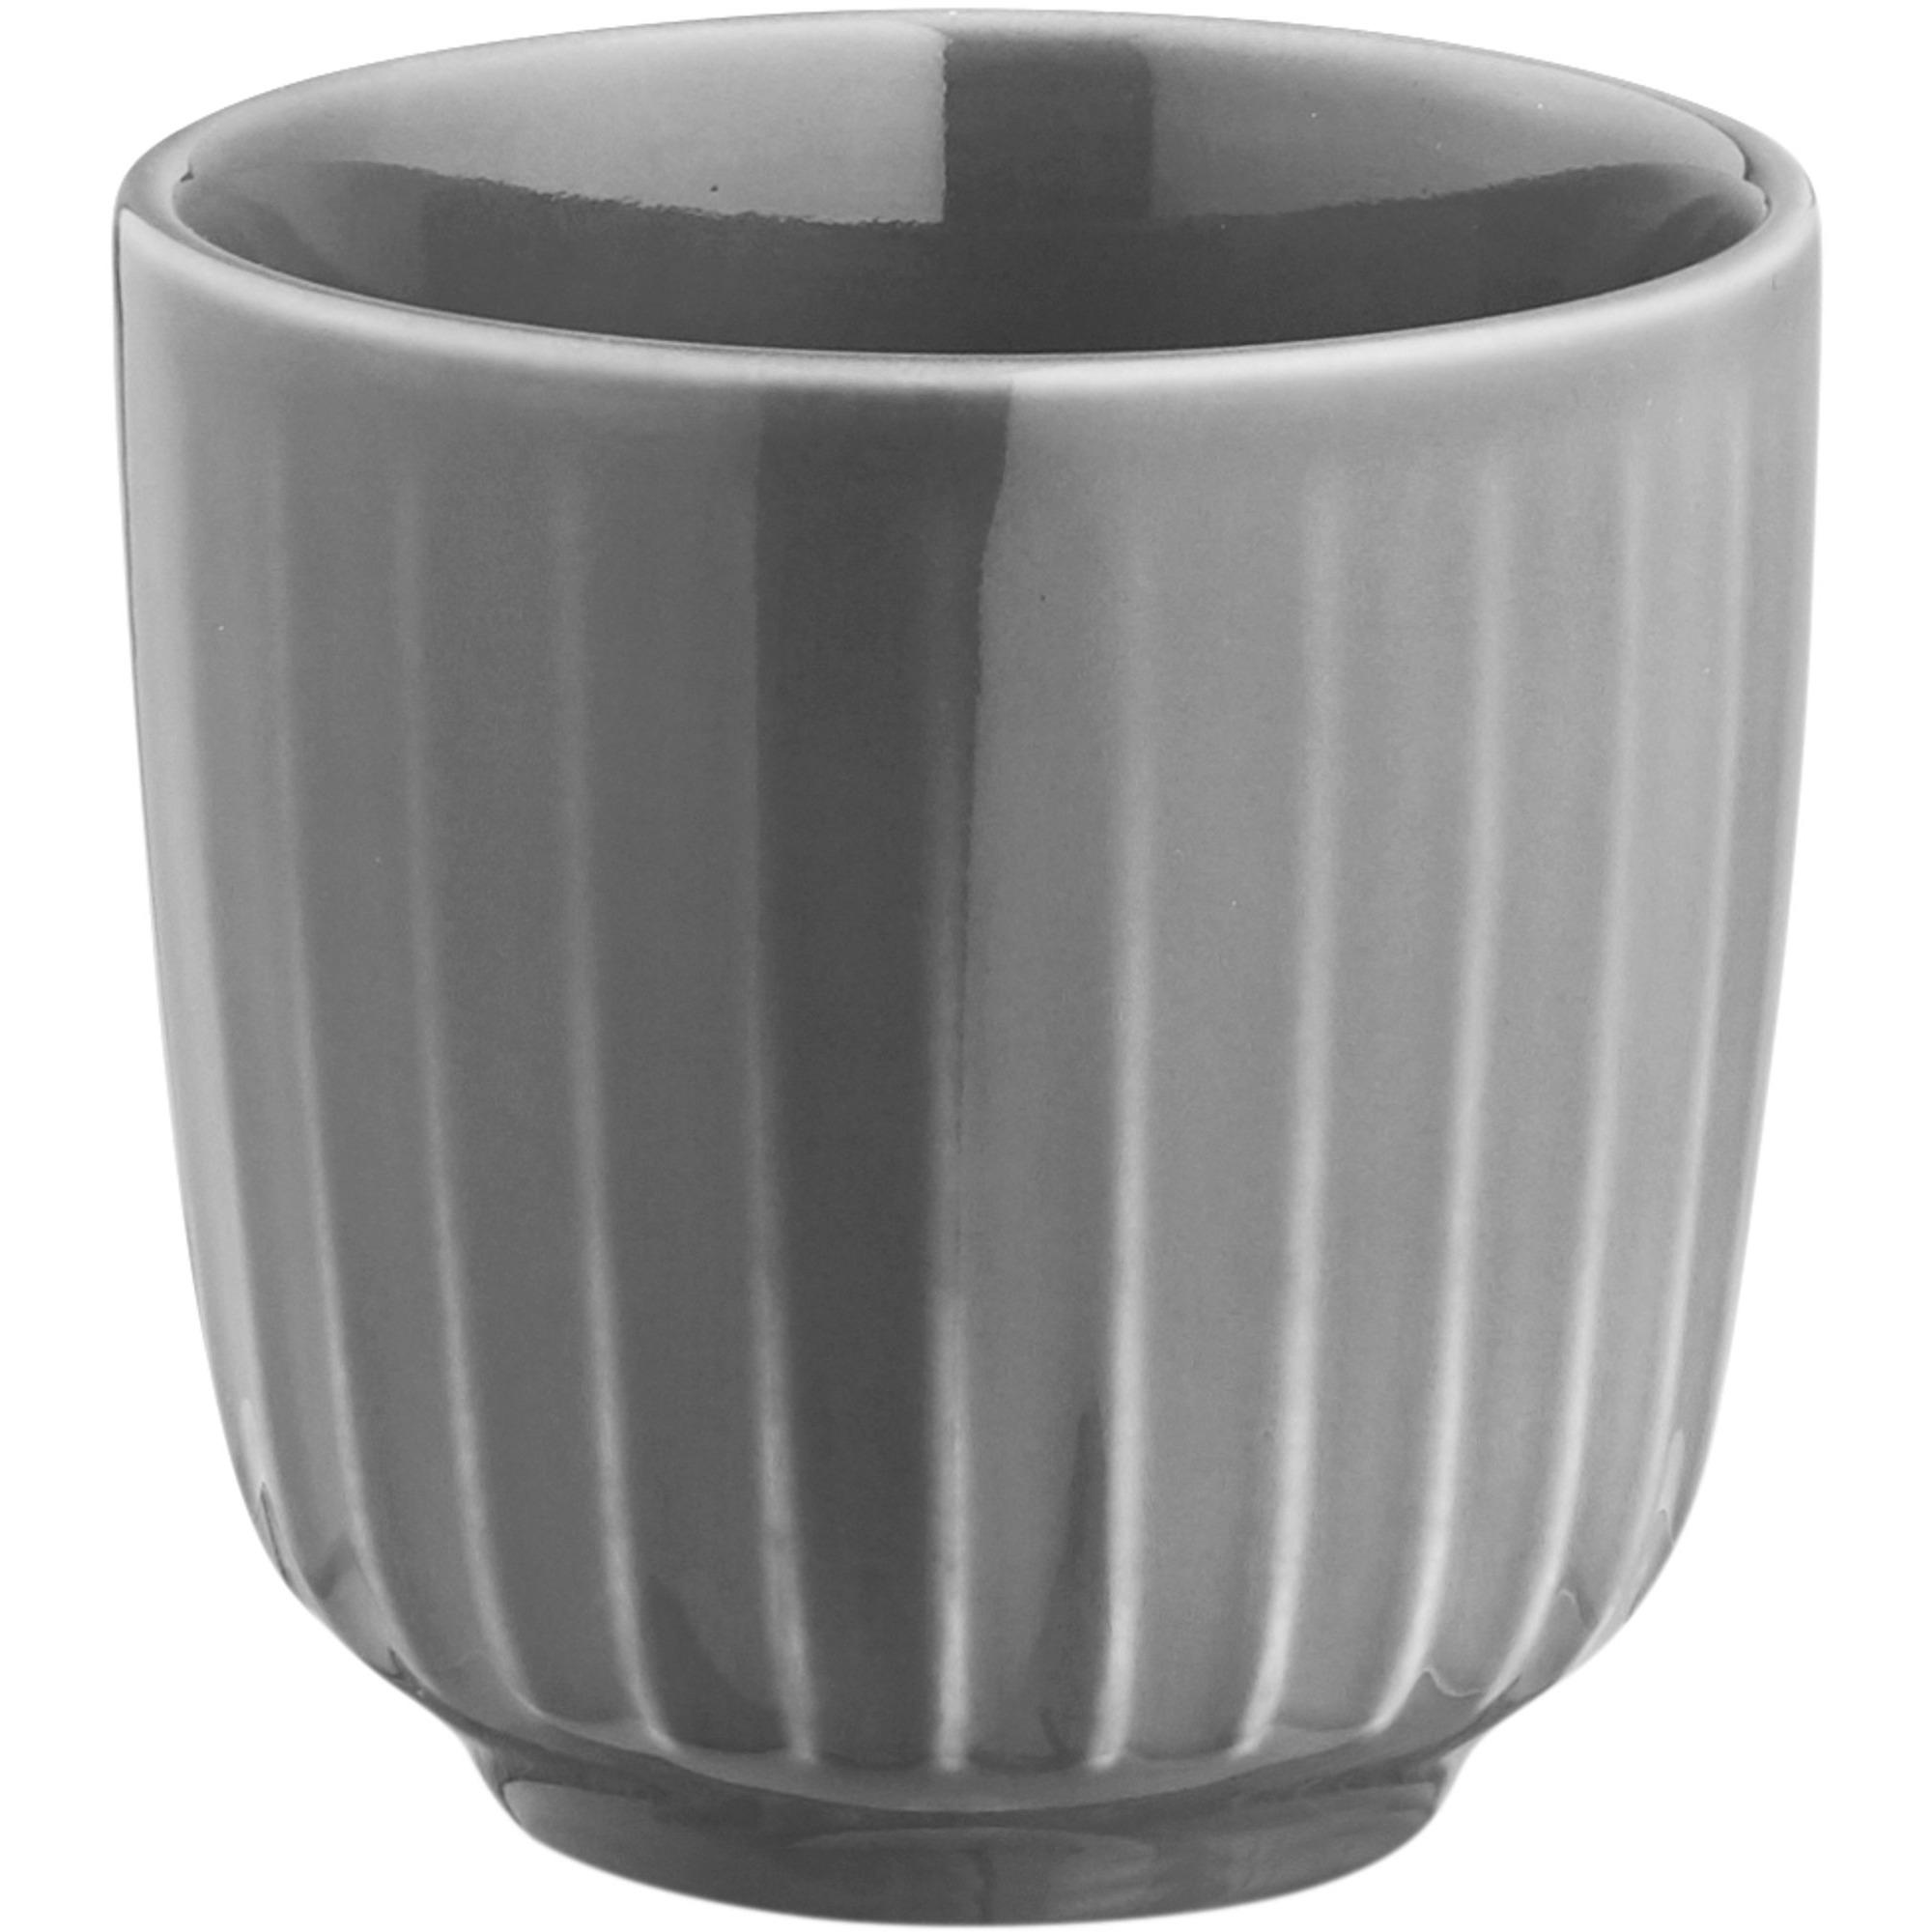 Kähler Hammersøi Espressokopp 10 cl Mörkgrå